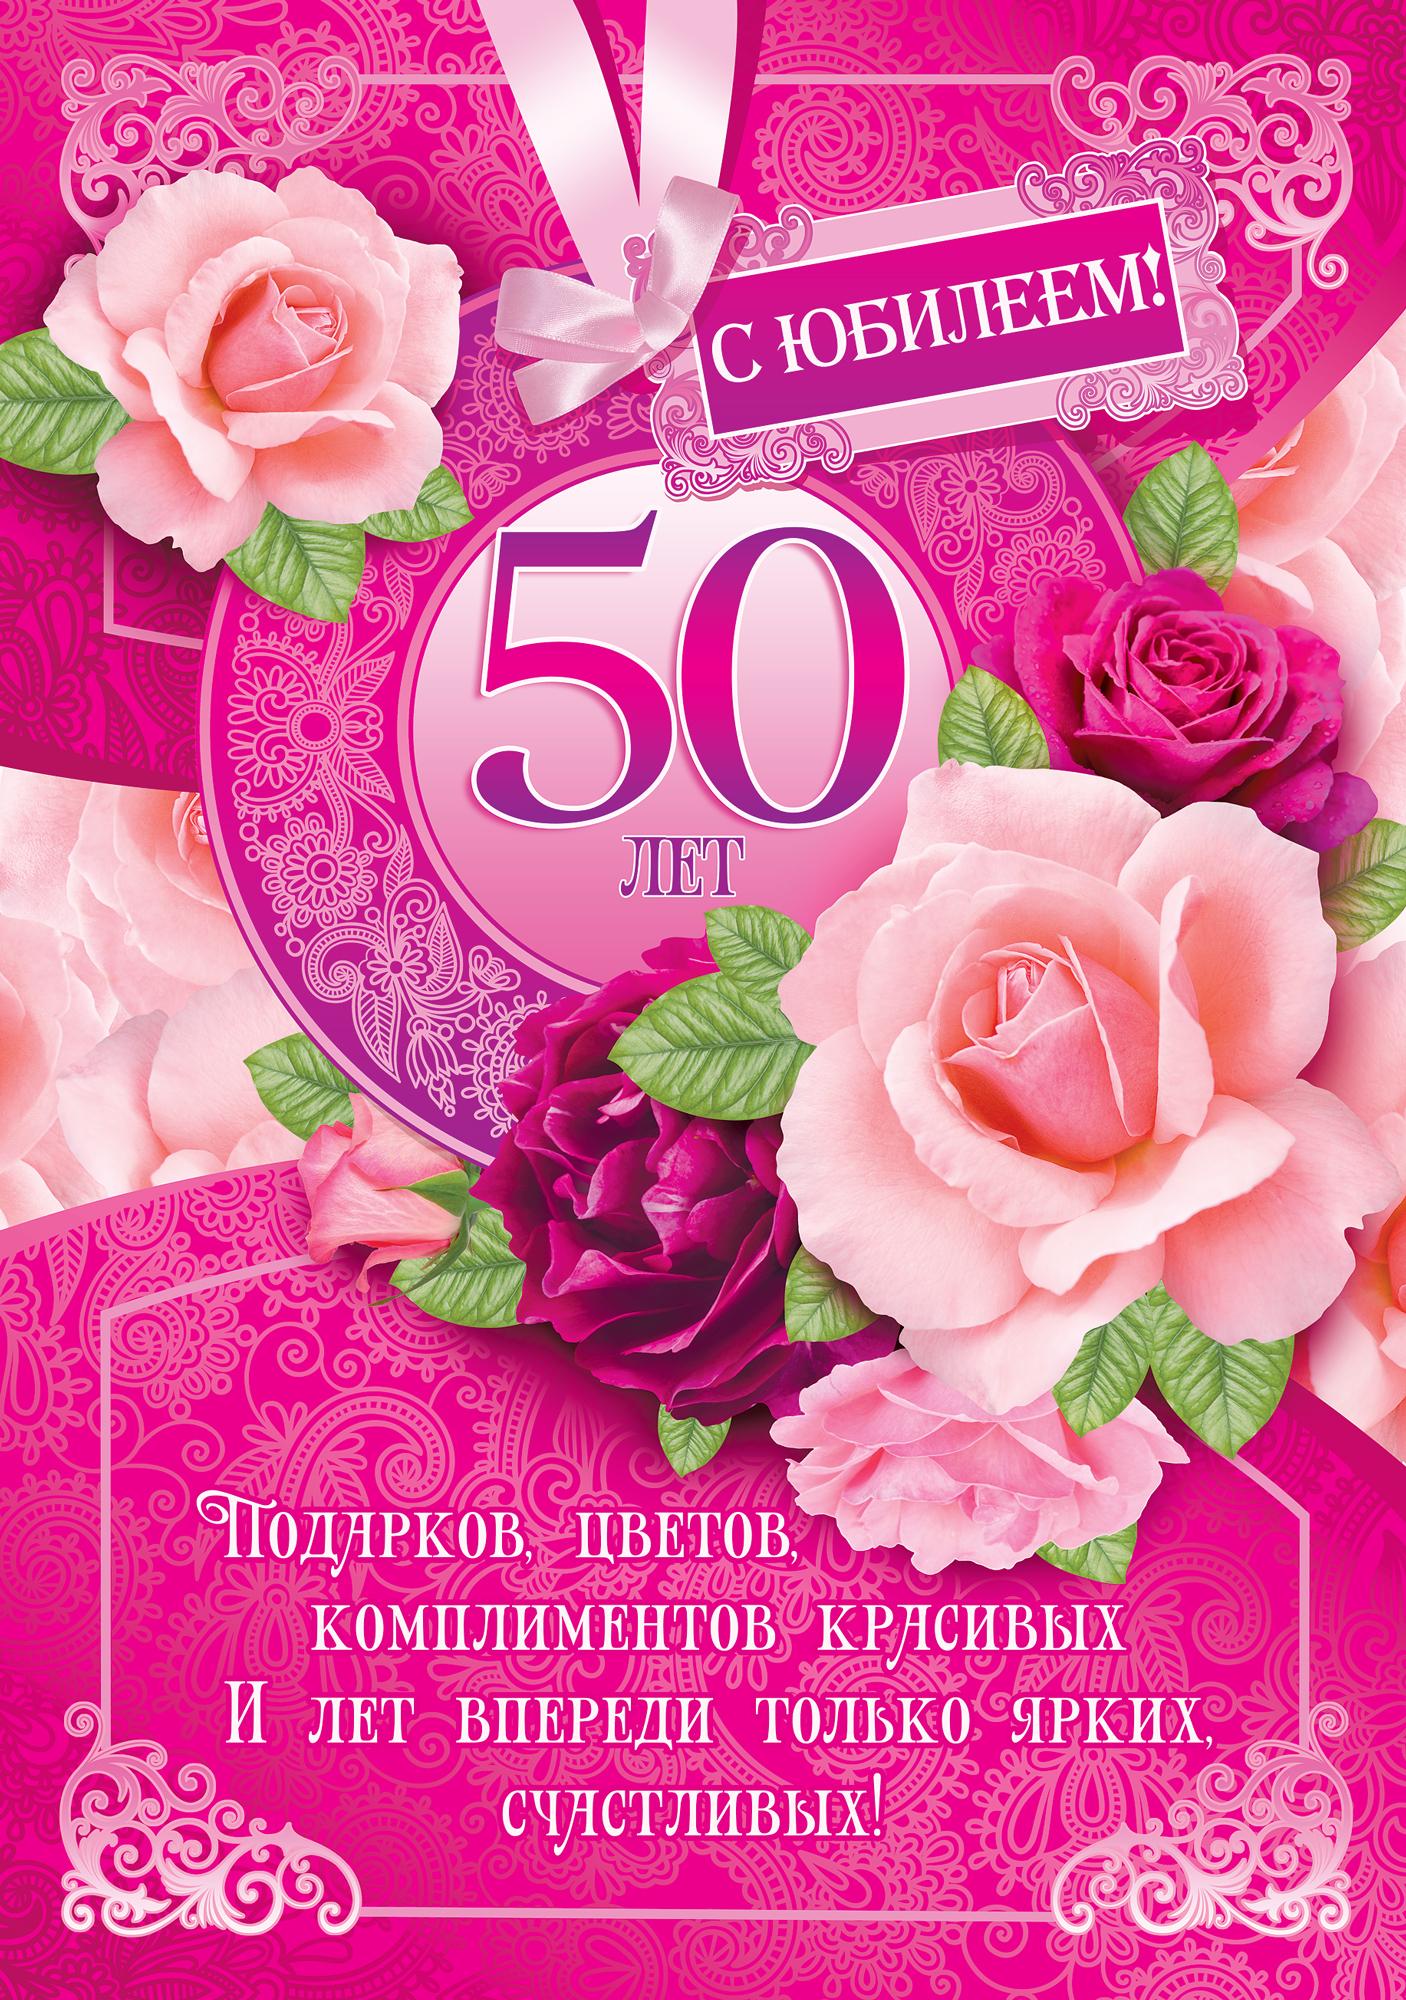 Поздравление с юбилеем 50 летия женщины